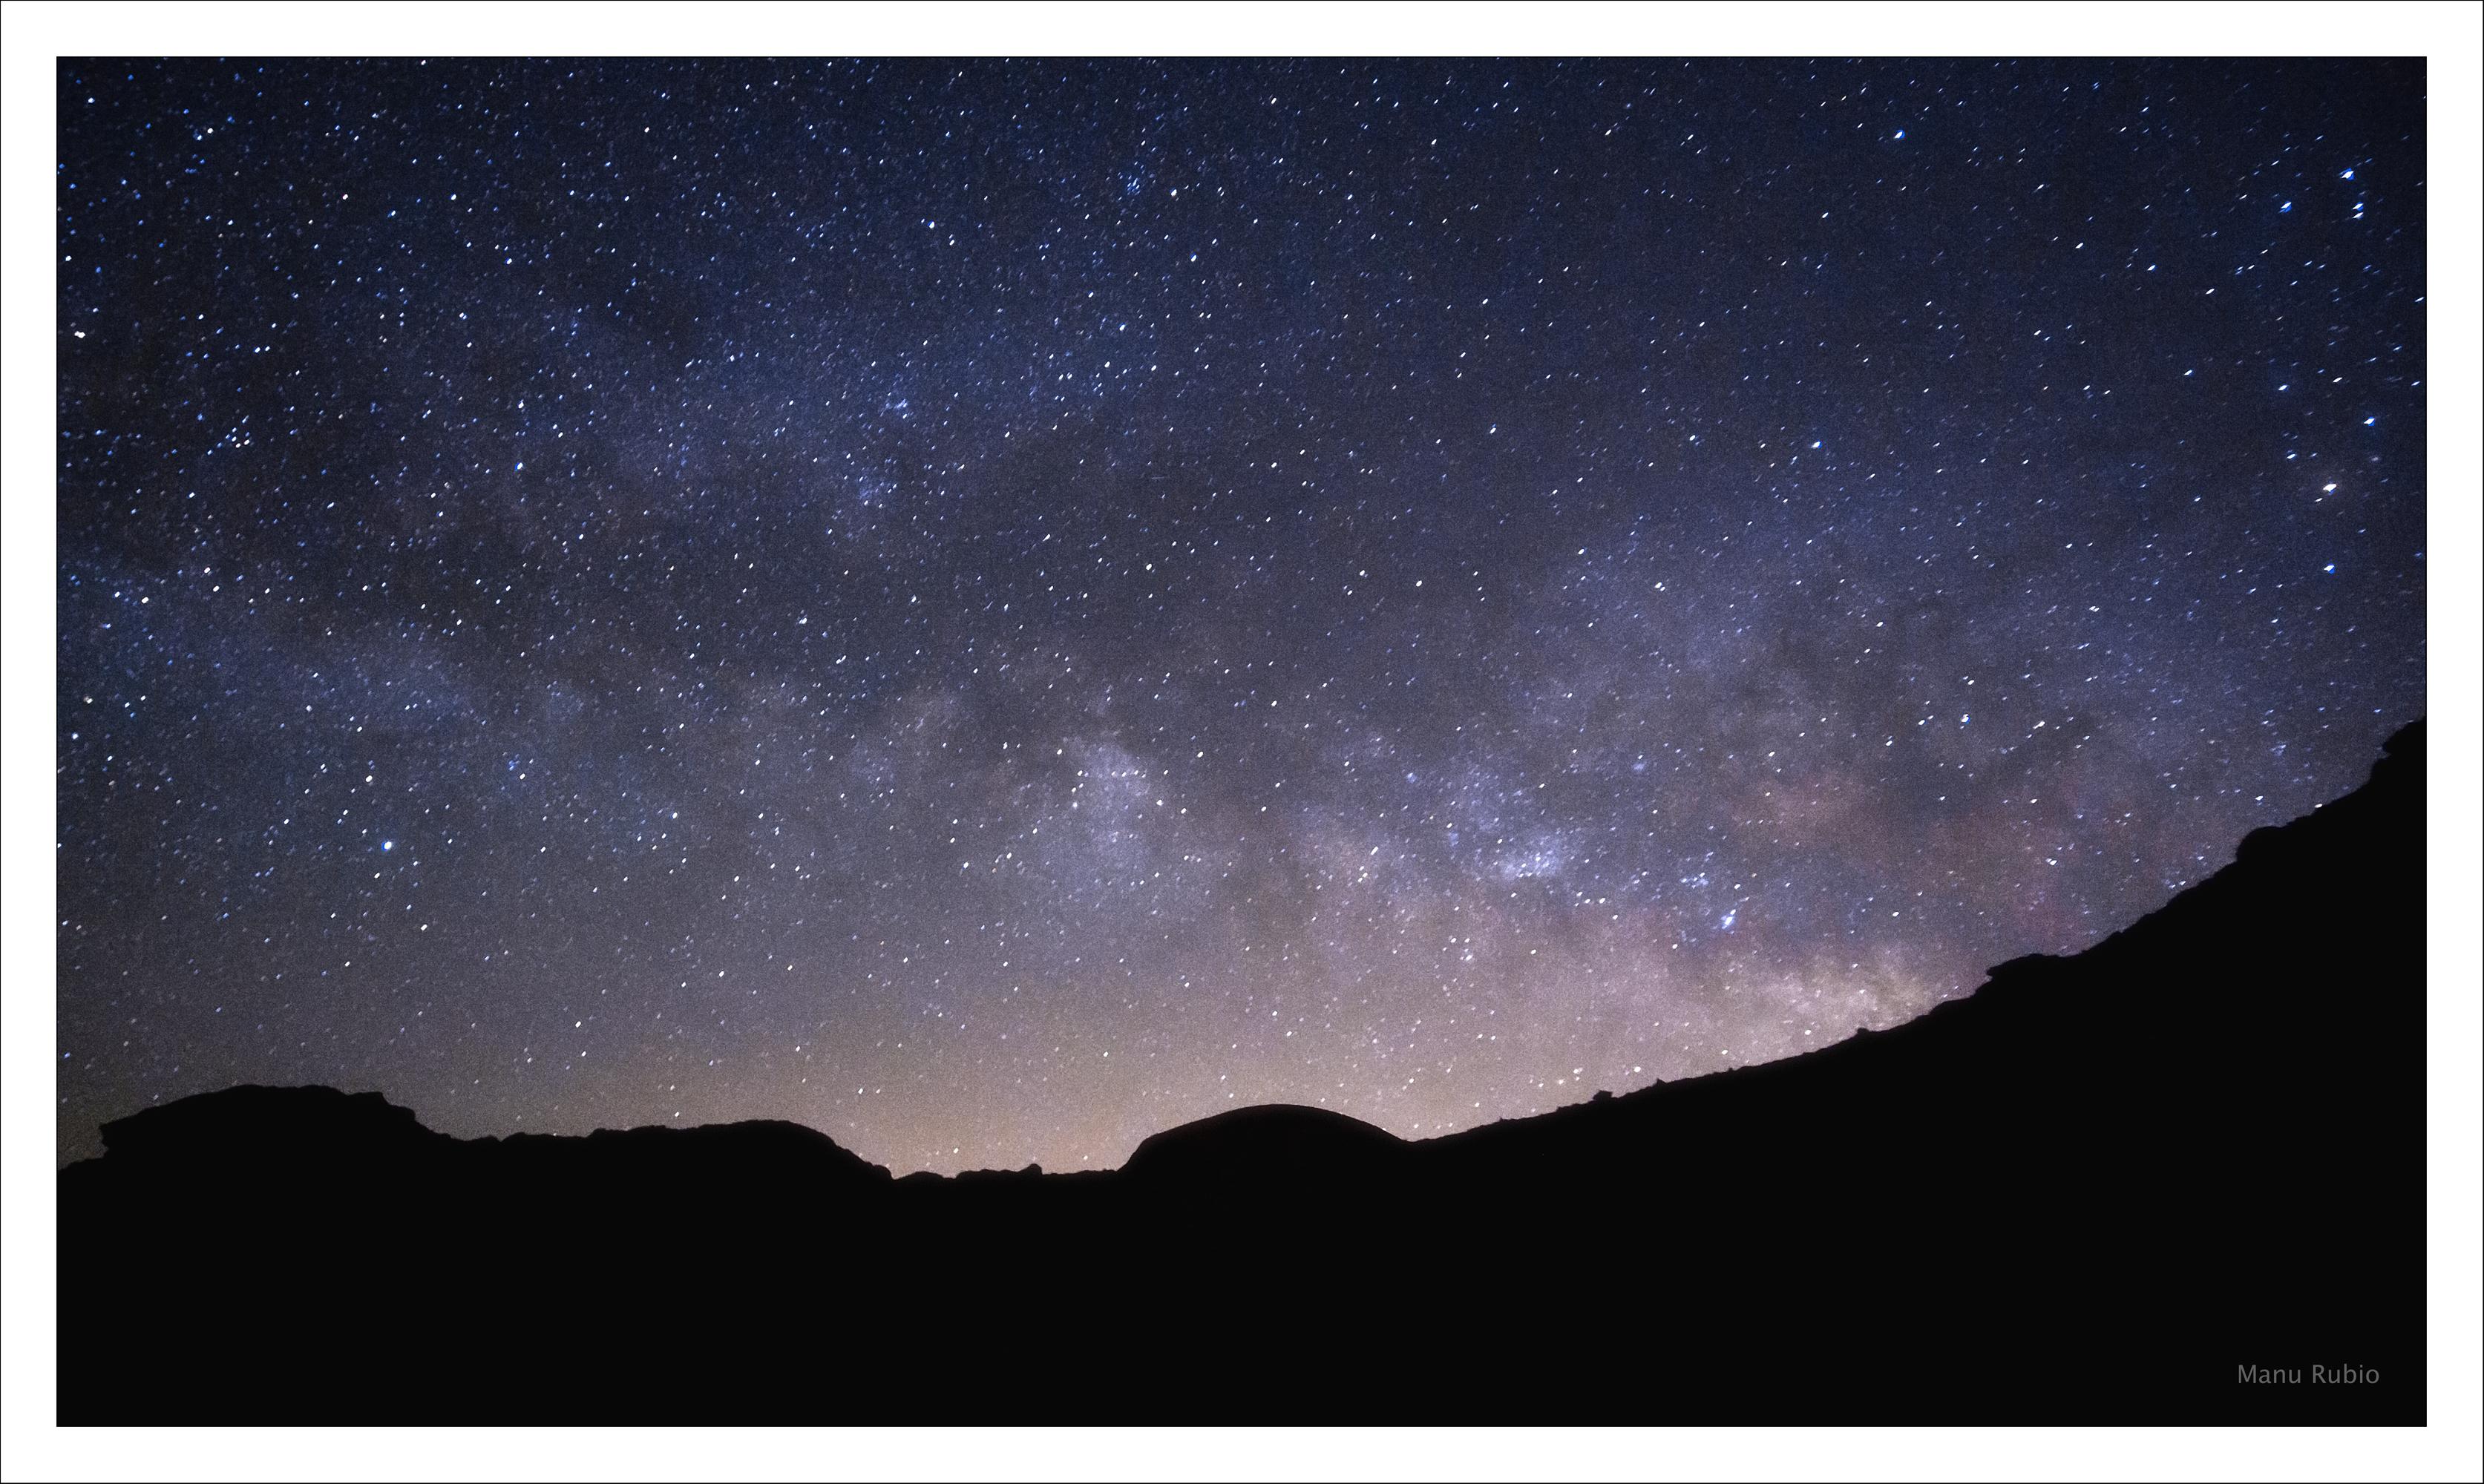 фото звездного неба настройки которые